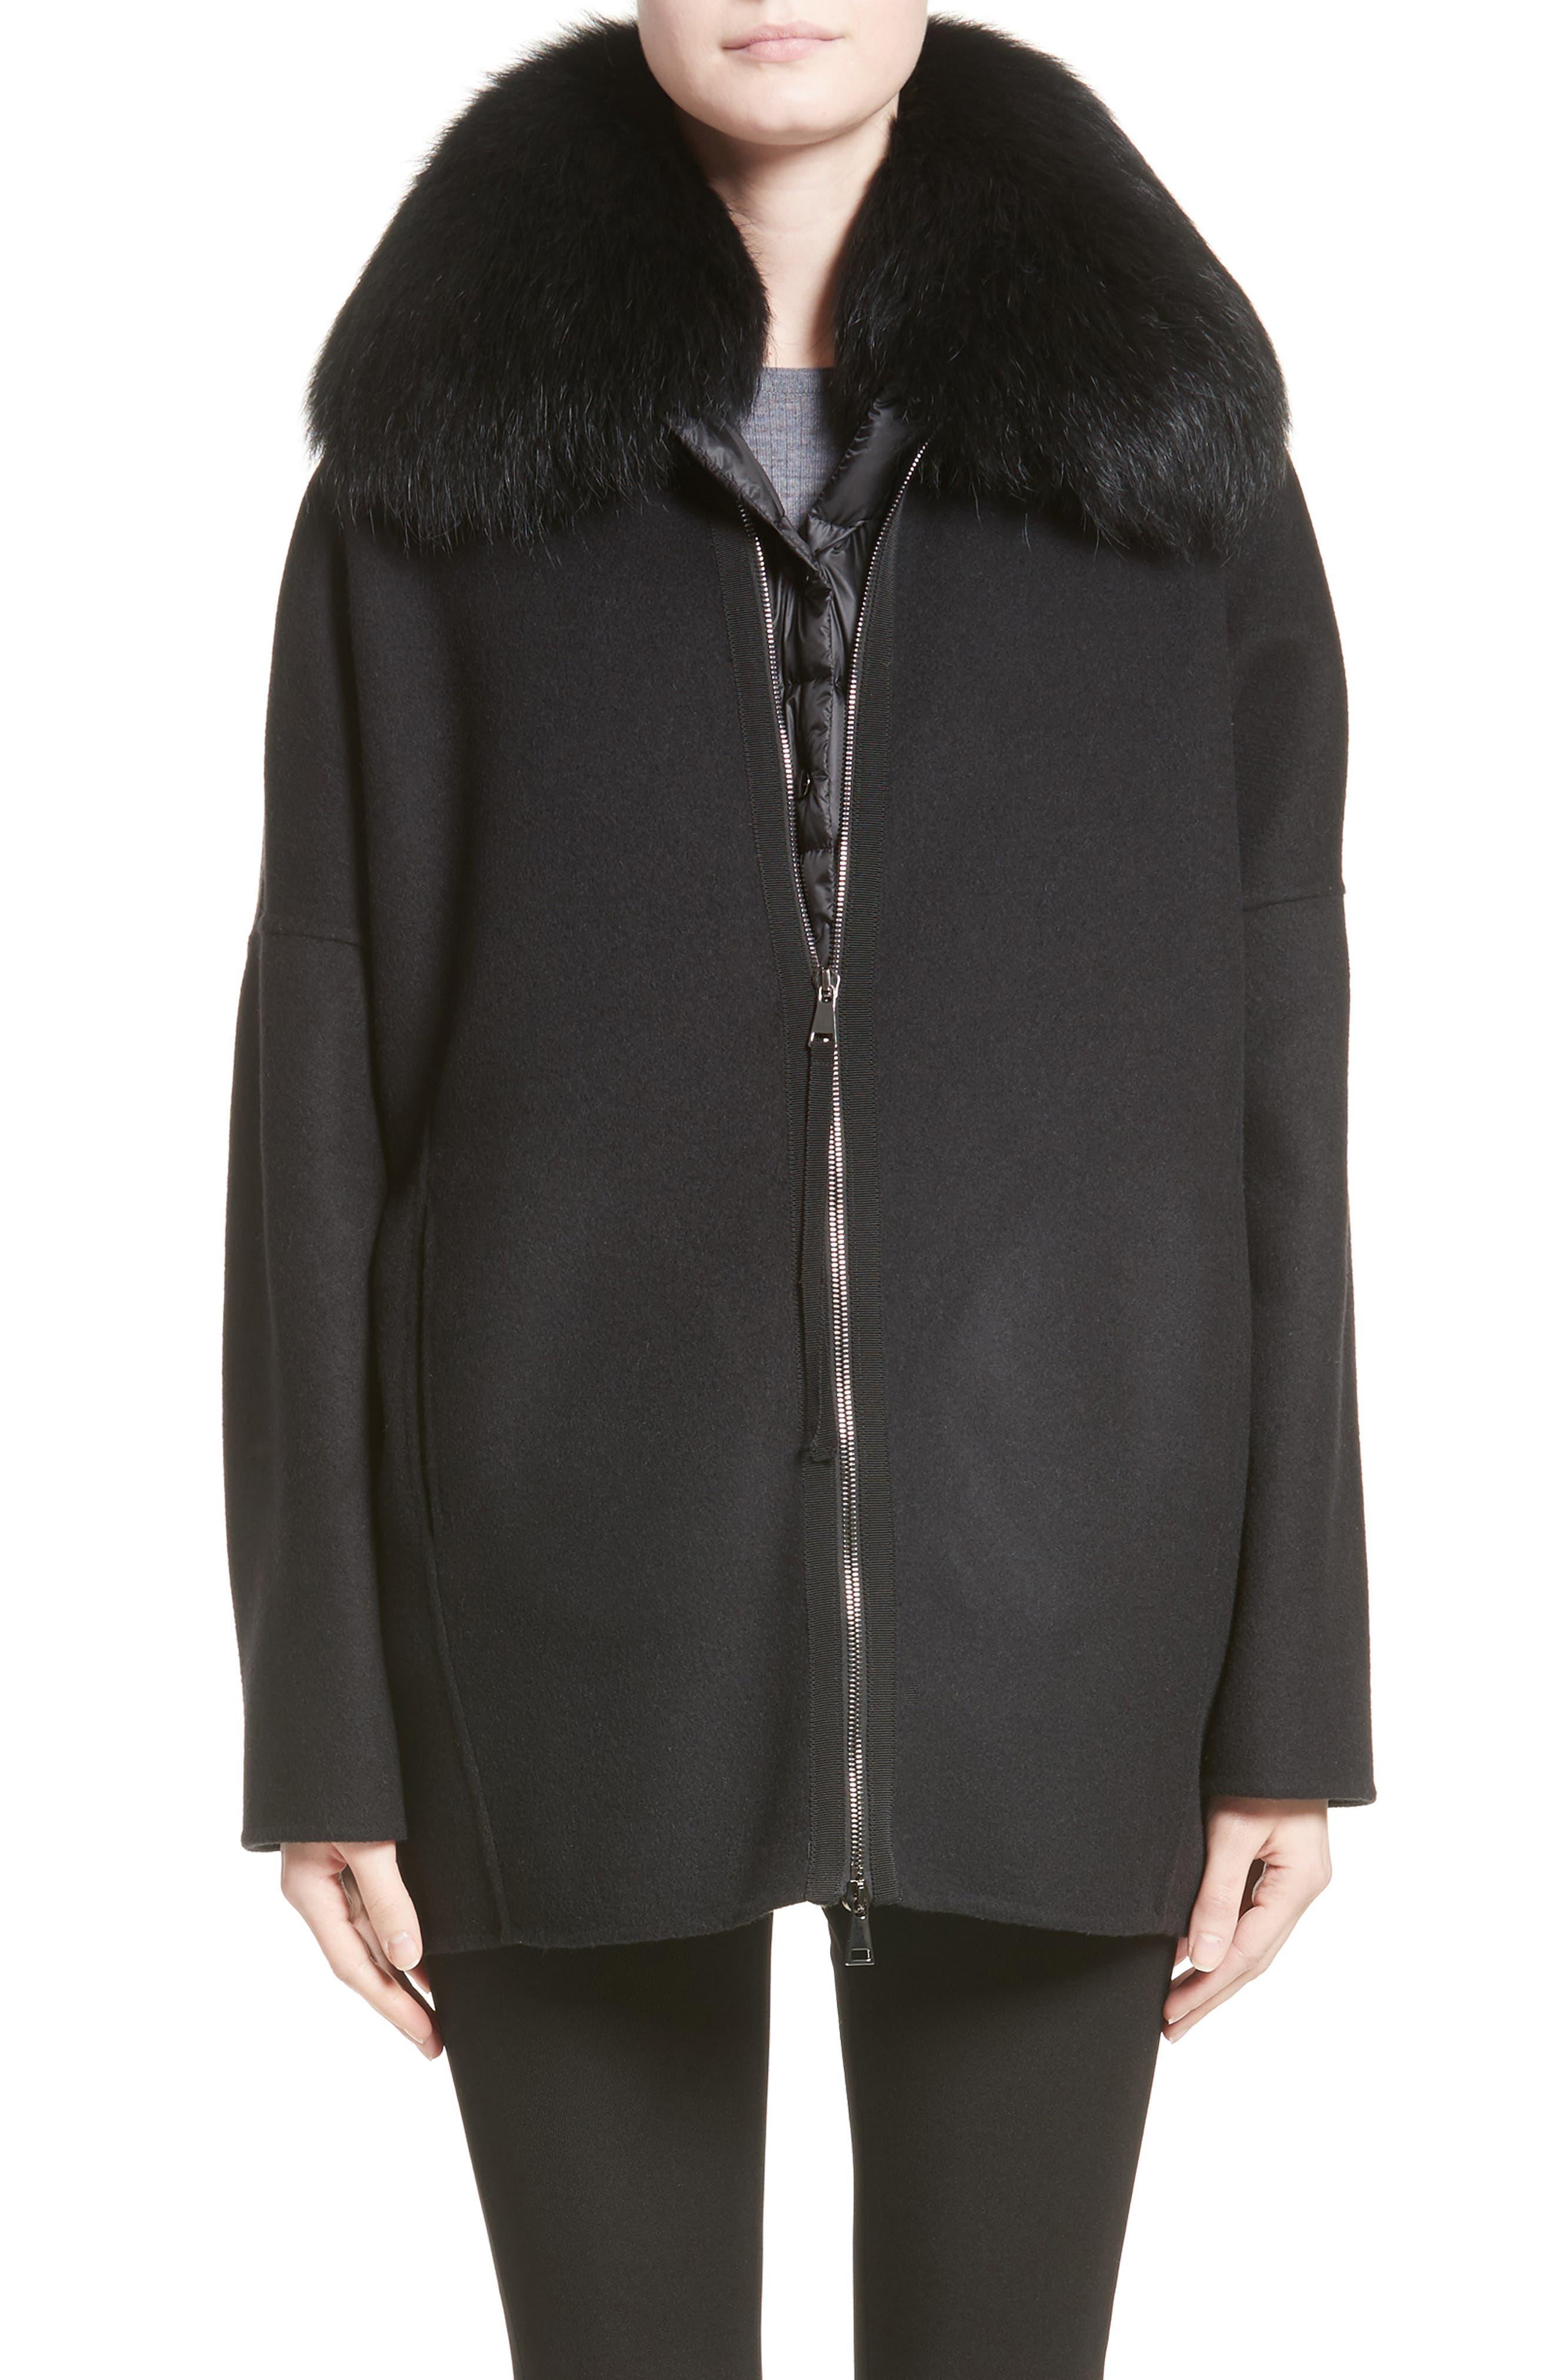 Buxus Wool & Cashmere Coat with Removable Genuine Fox Fur Trim Vest,                             Main thumbnail 1, color,                             001